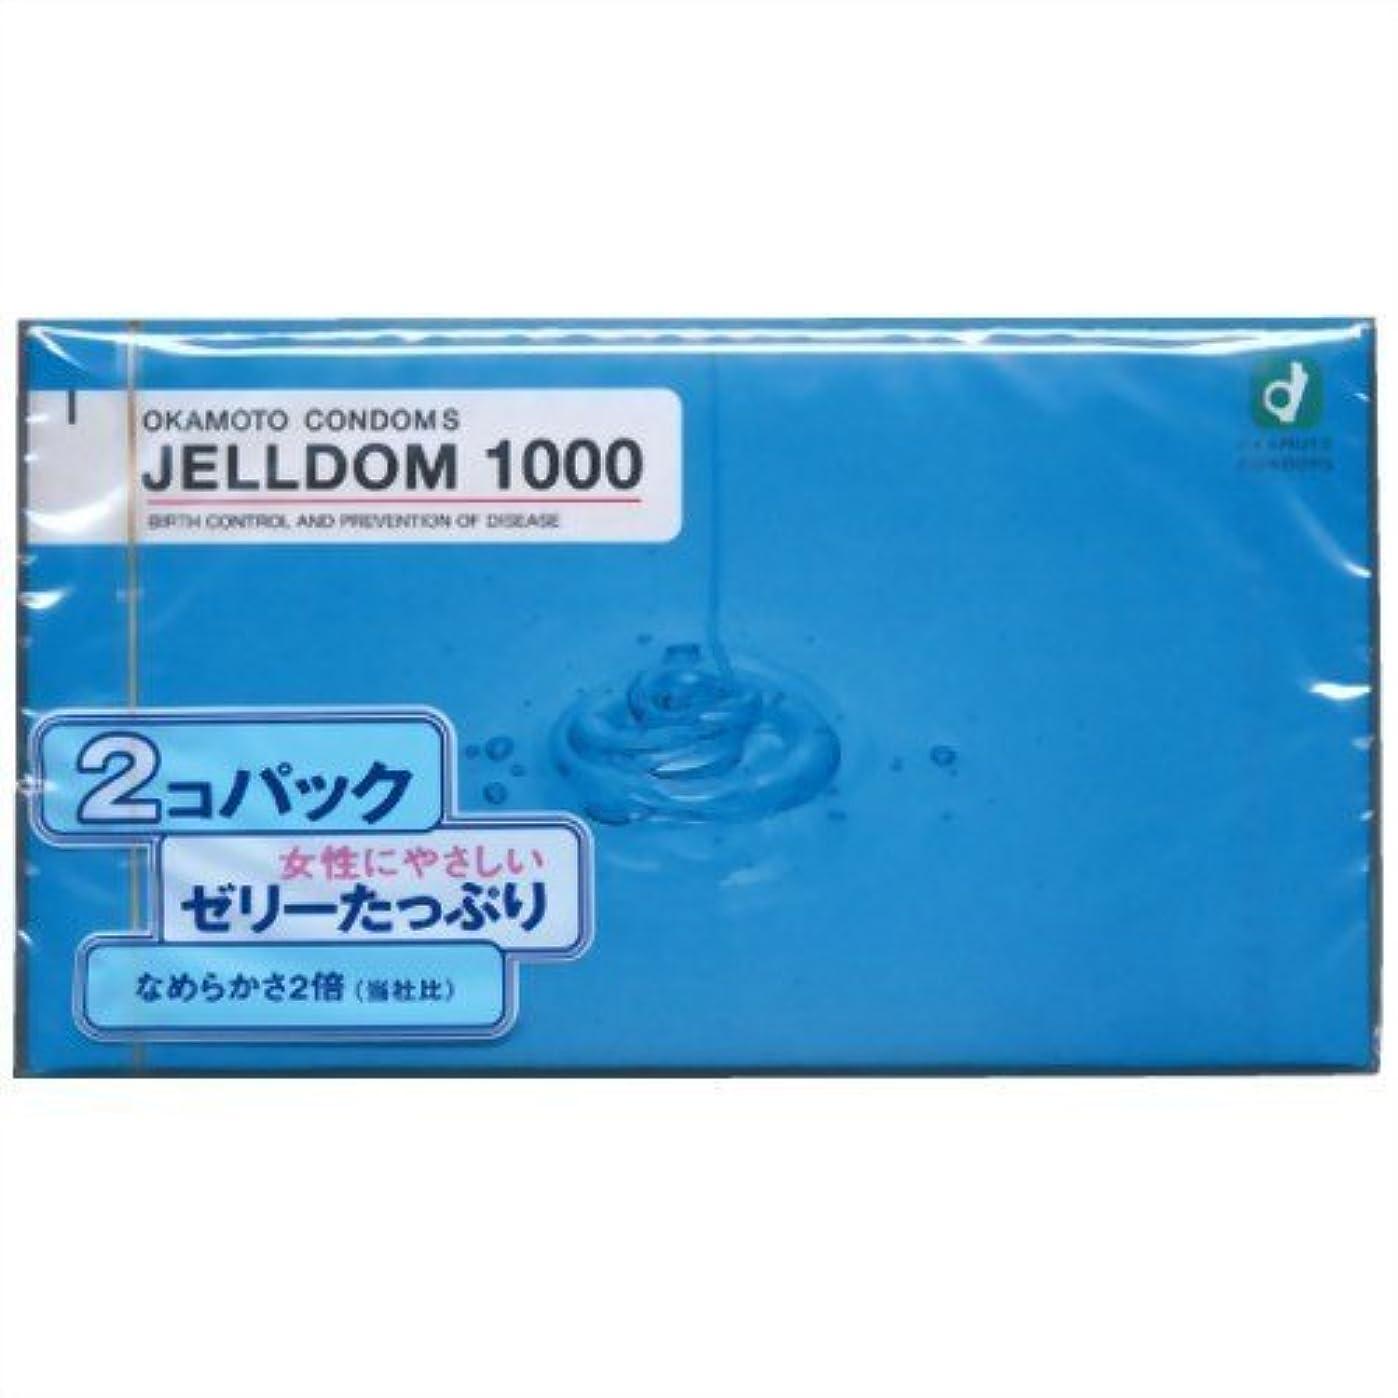 オカモト コンドーム ジェルドーム 1000 12個入×2箱パック